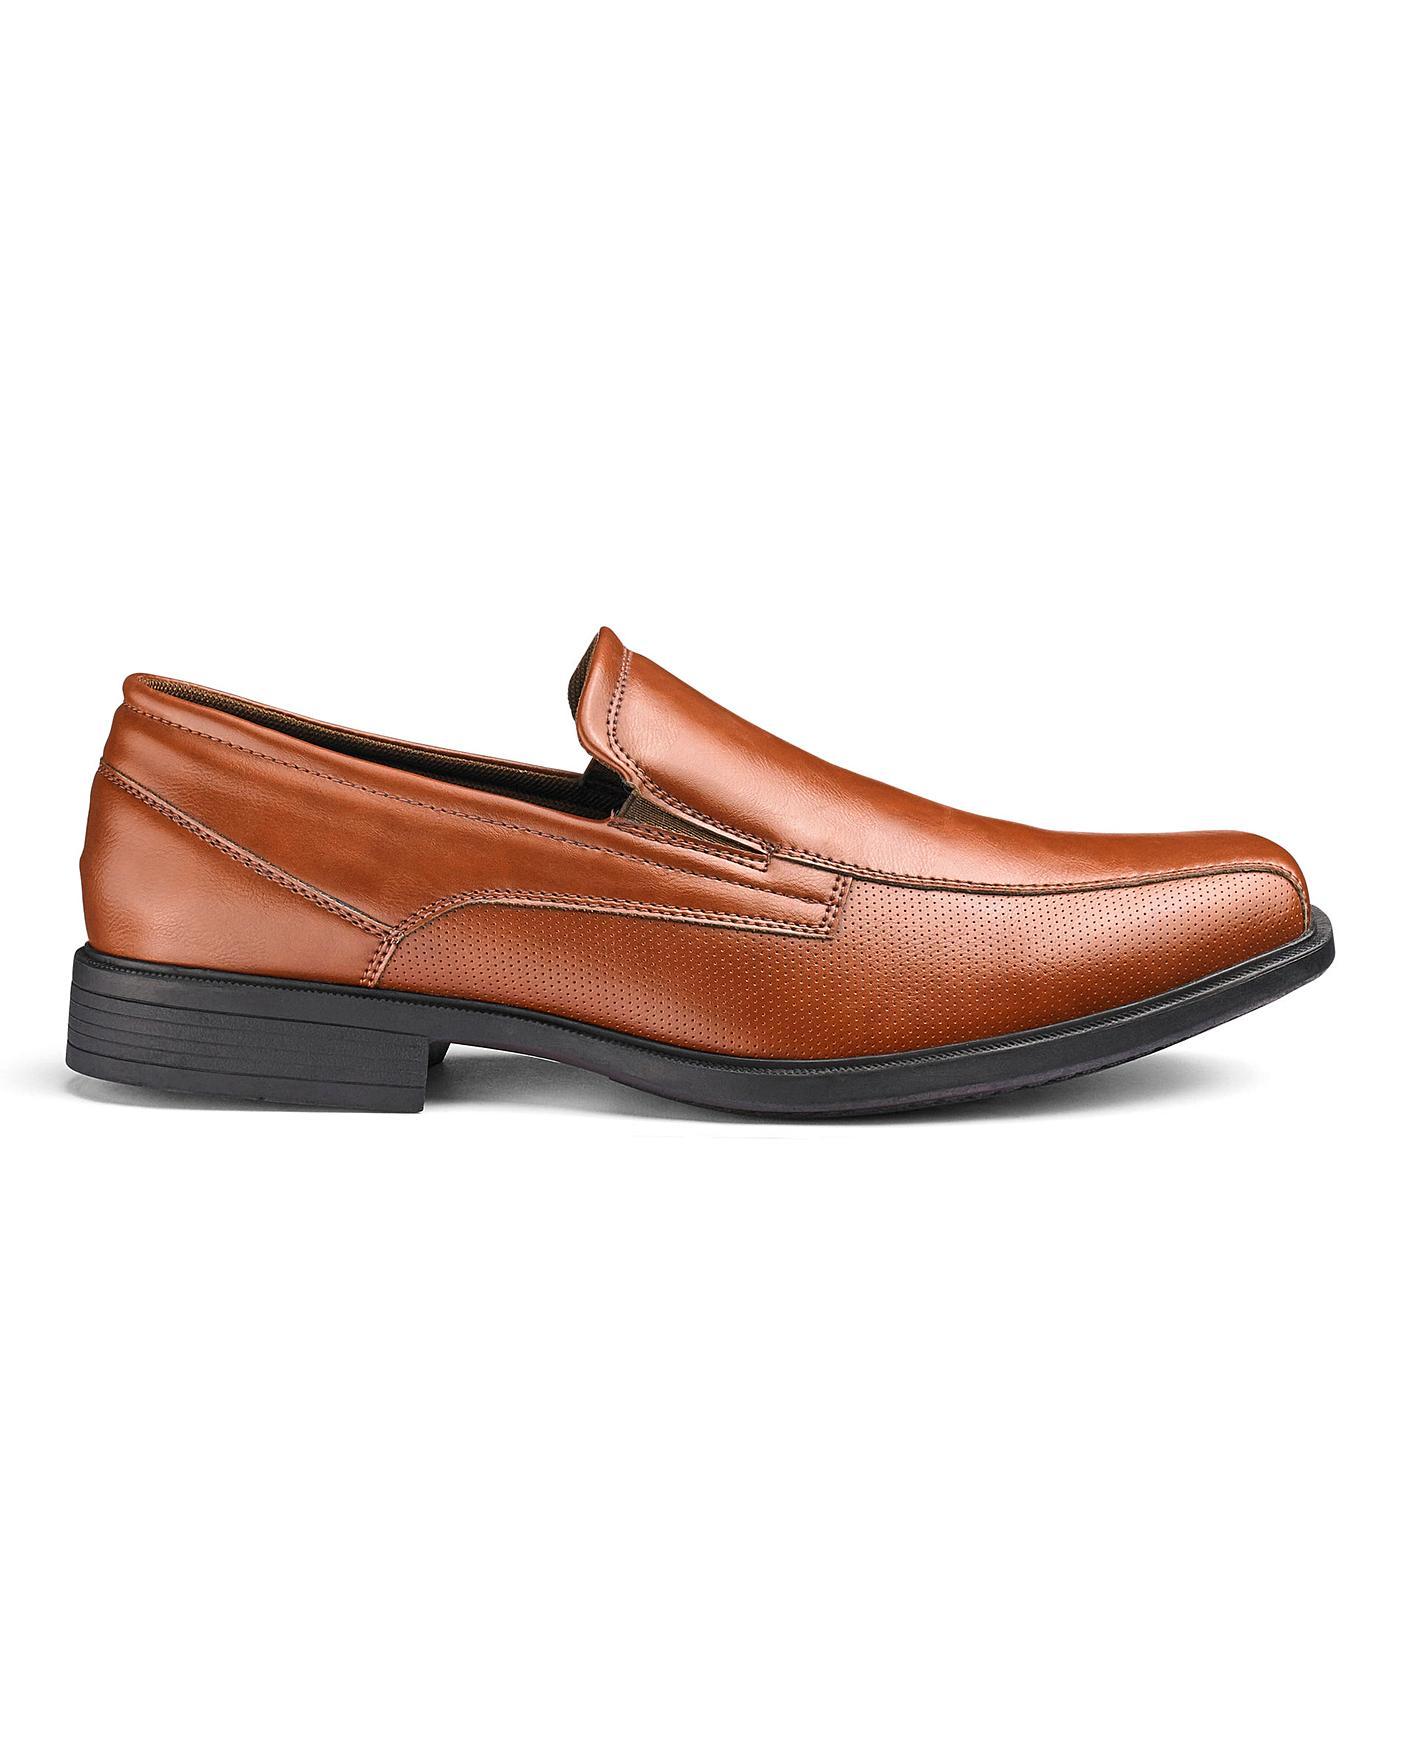 Slip On Formal Shoes Wide Fit | Premier Man